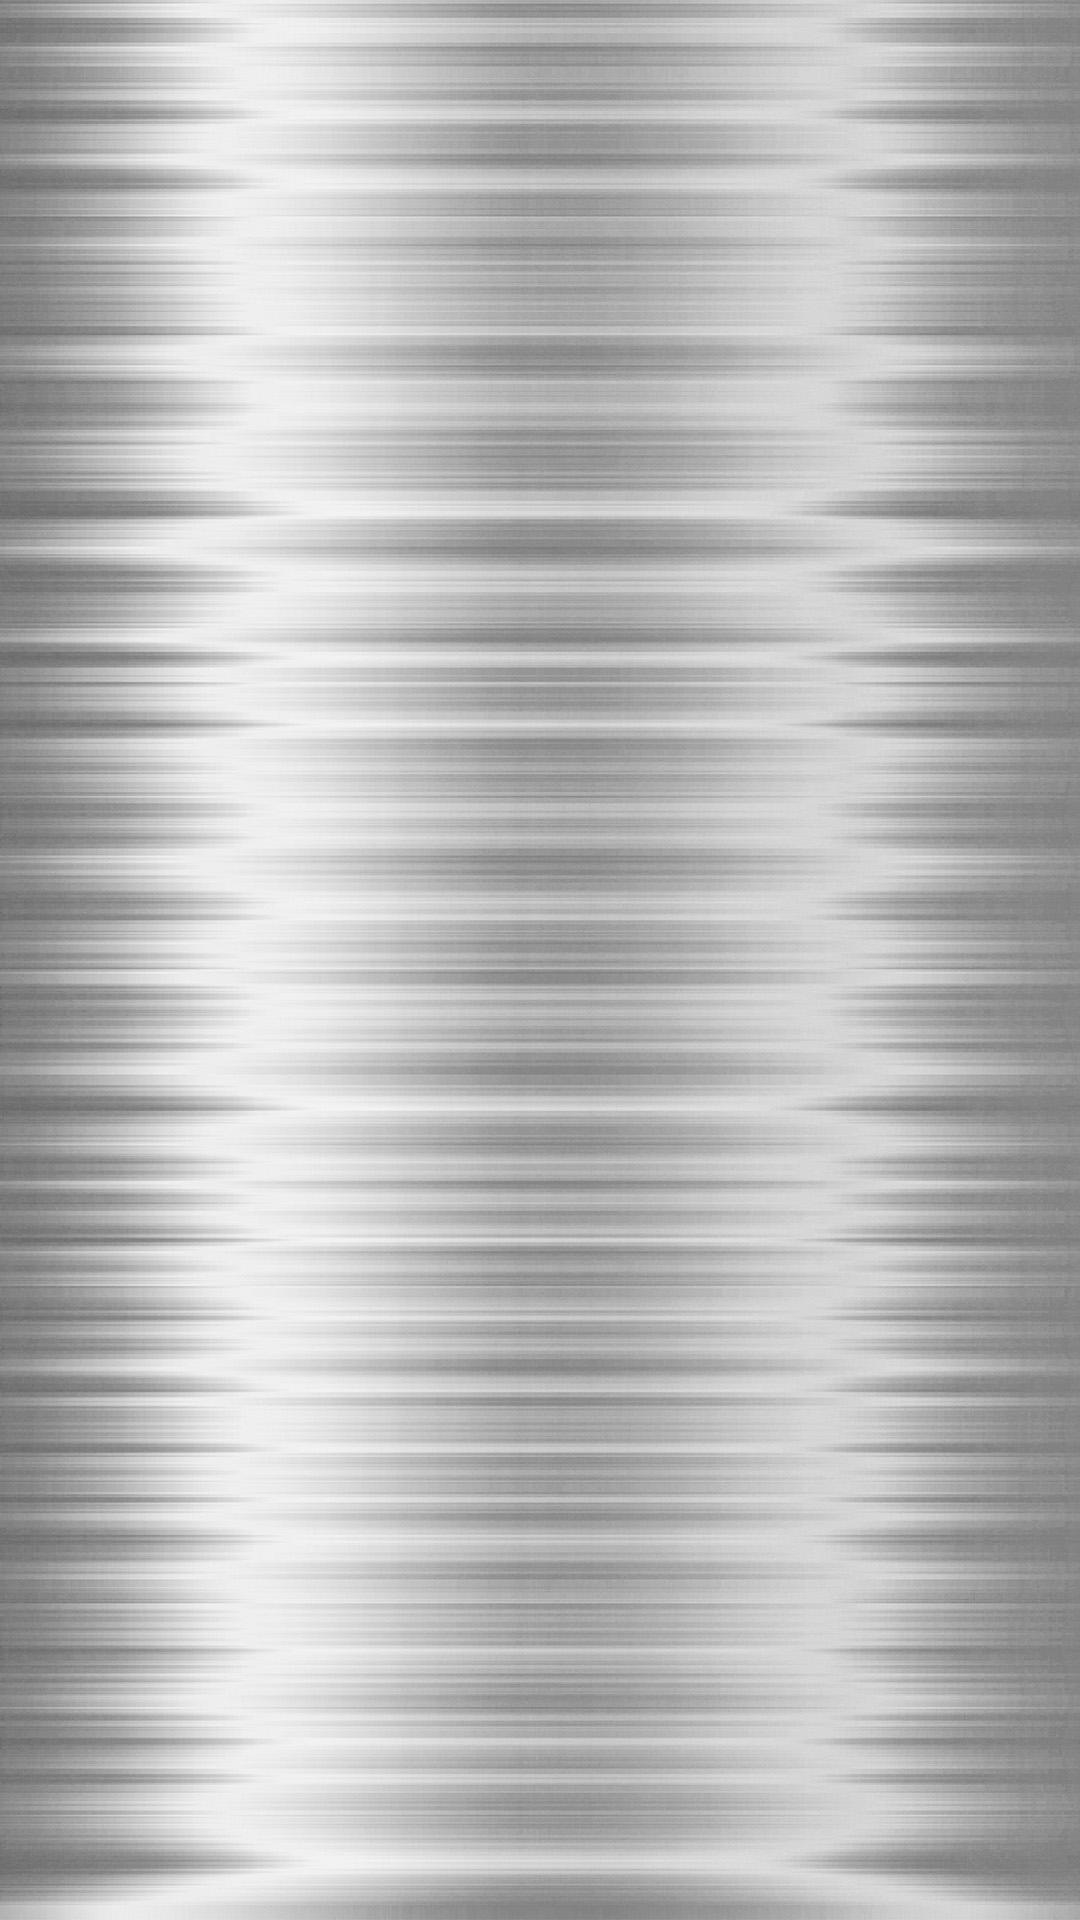 Silber  Silber // Farben - Handy-hintergrundbilder kostenlos